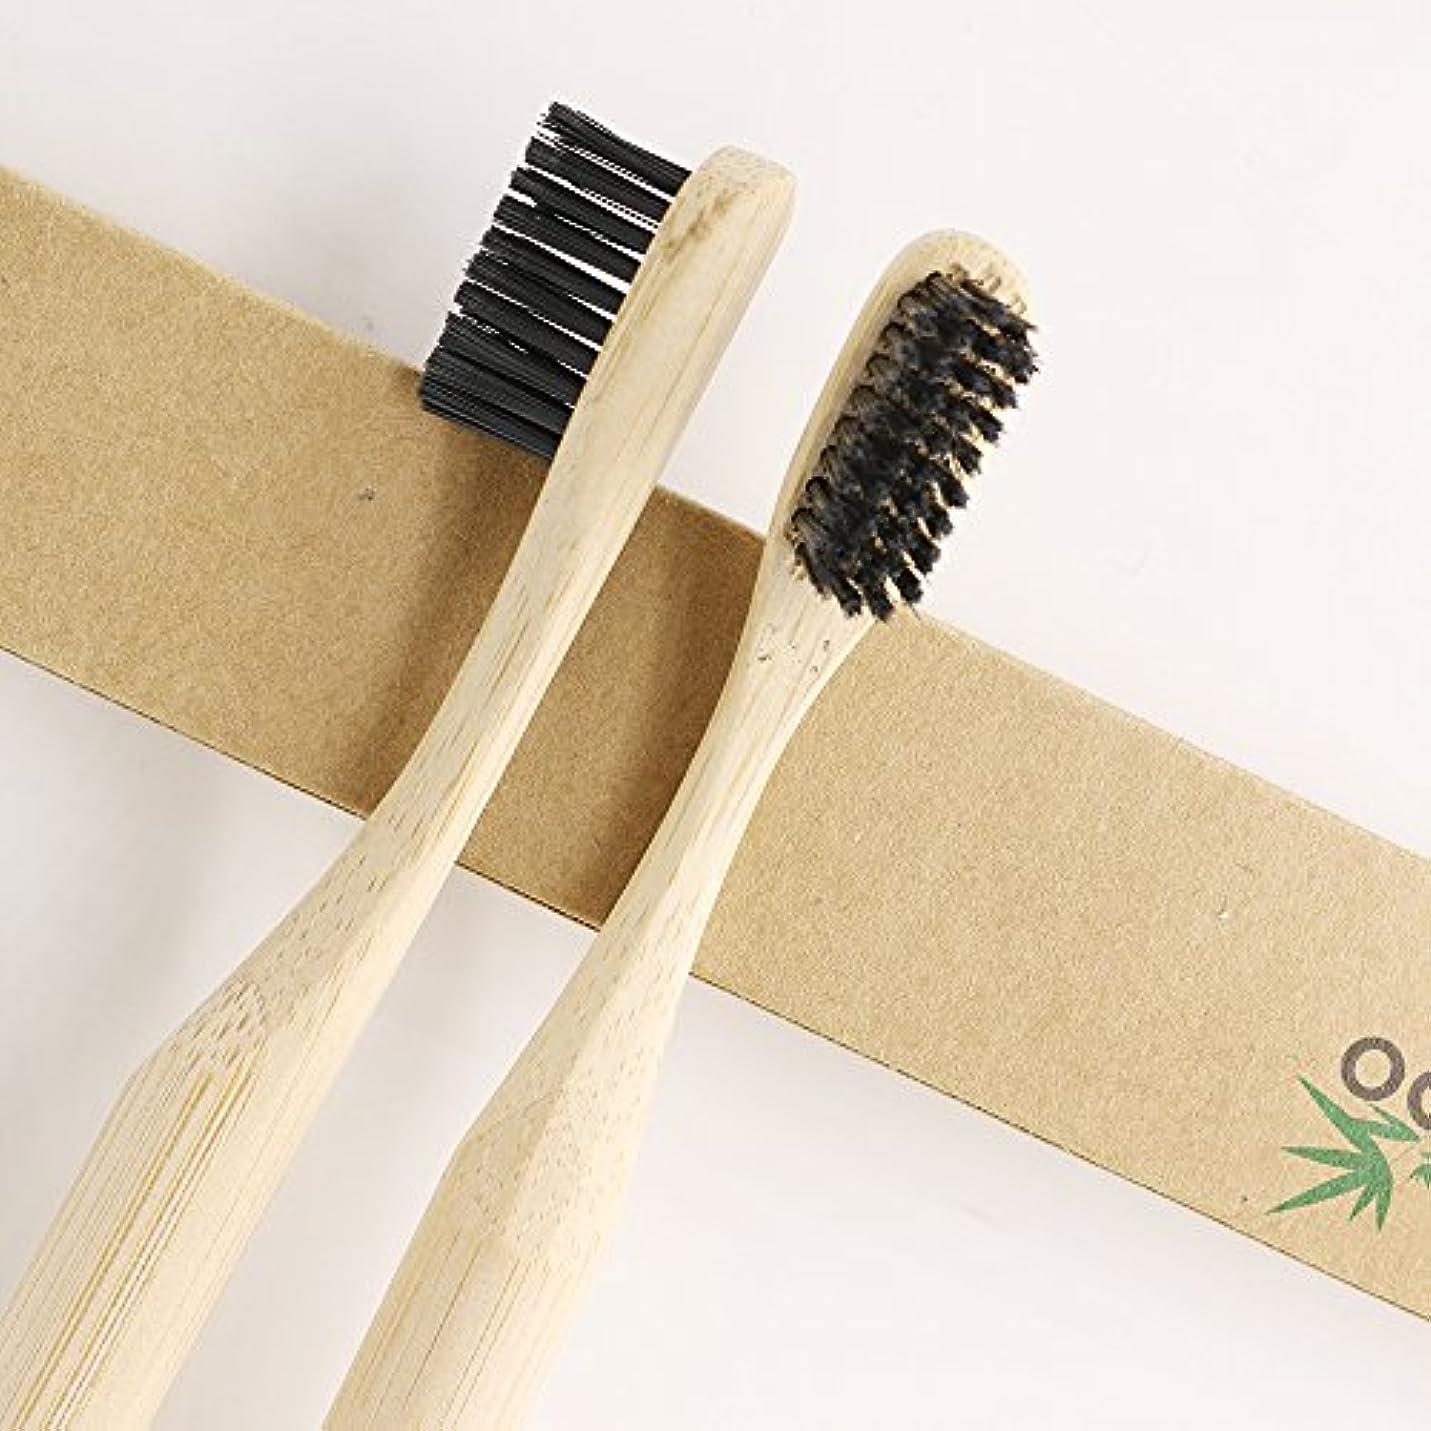 地区乳白舞い上がるN-amboo 竹製耐久度高い 歯ブラシ  2本入り セット 黒い